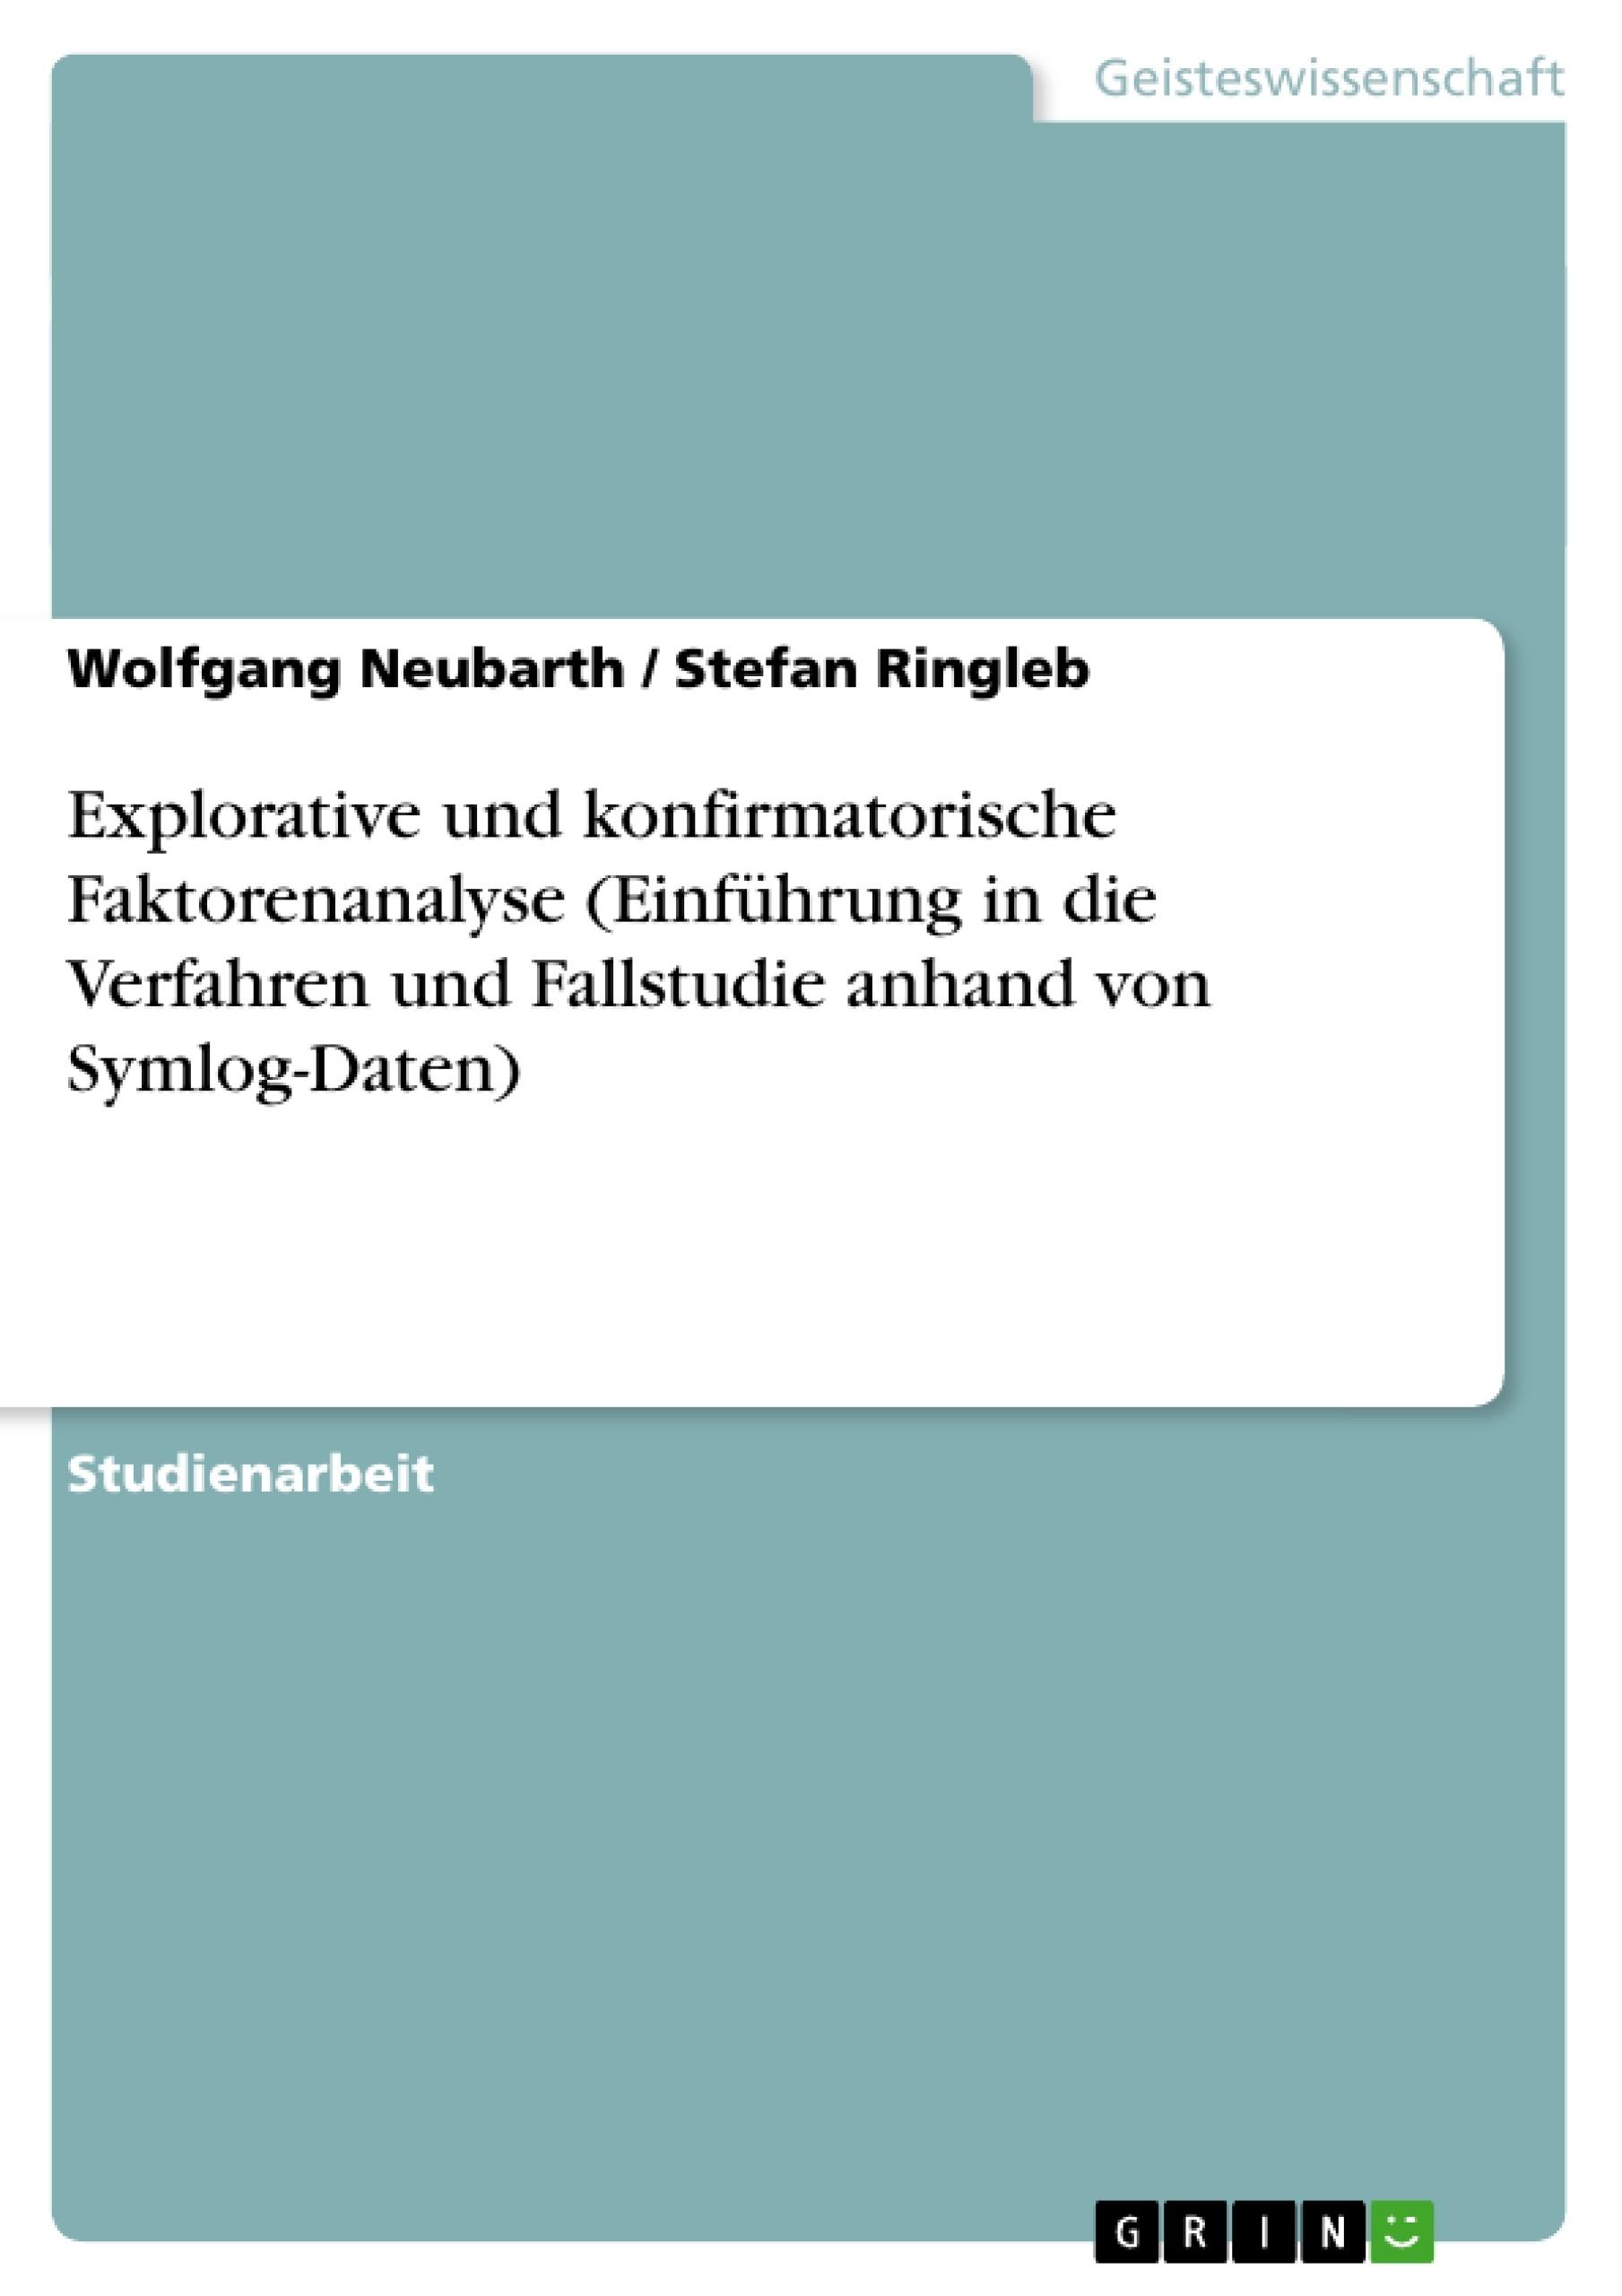 Titel: Explorative und konfirmatorische Faktorenanalyse (Einführung in die Verfahren und Fallstudie anhand von Symlog-Daten)